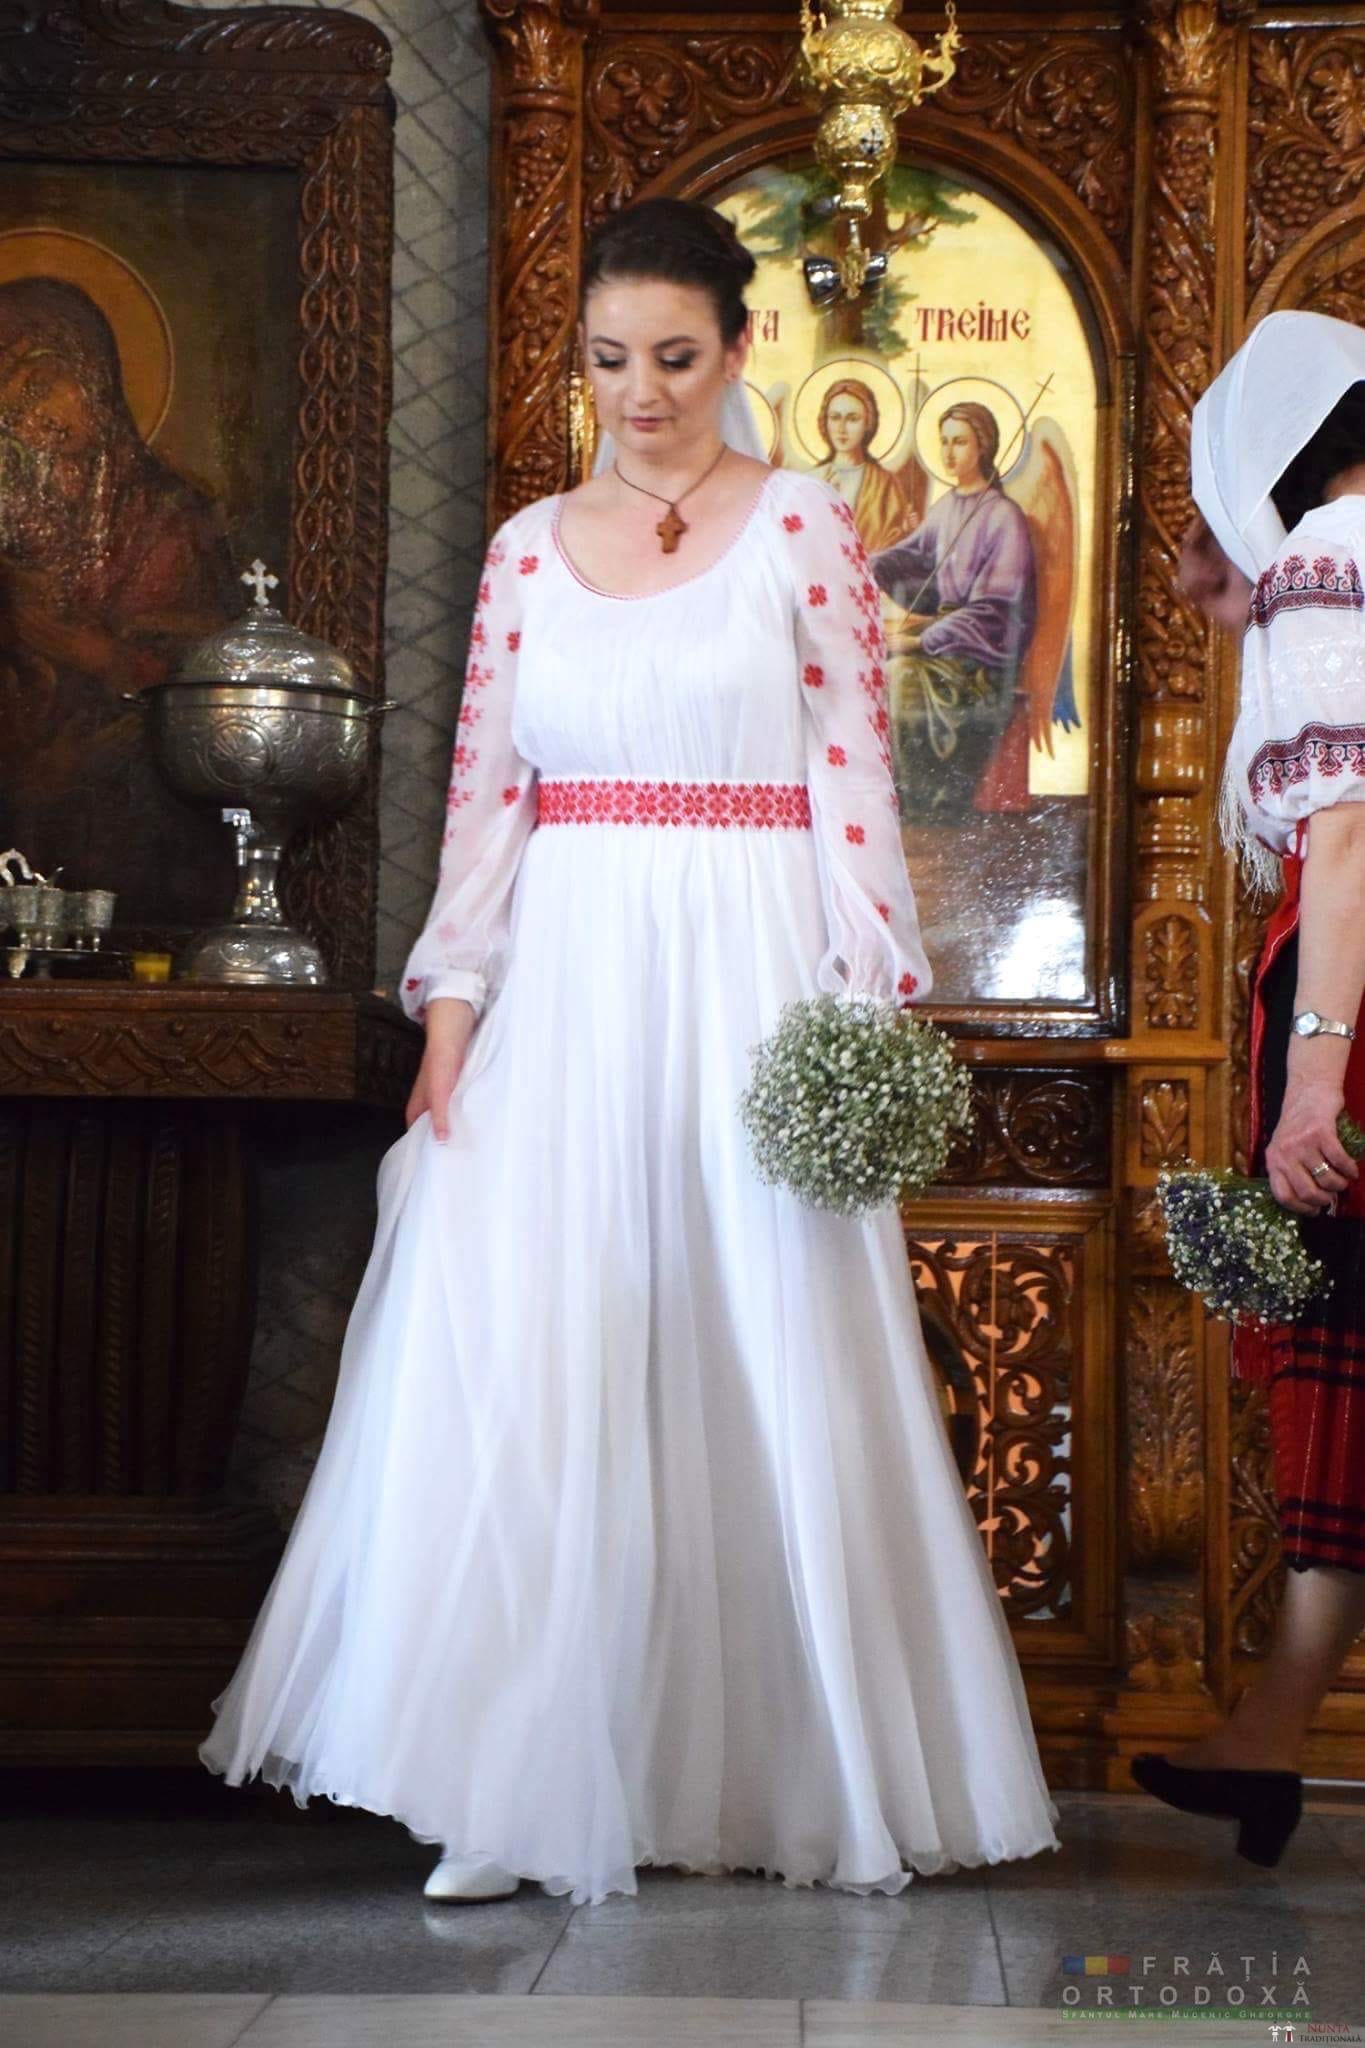 Povești Nunți Tradiționale - George Gabriel și Alexandra Buzatu, nuntă tradițională în Strejnicu, Prahova 3